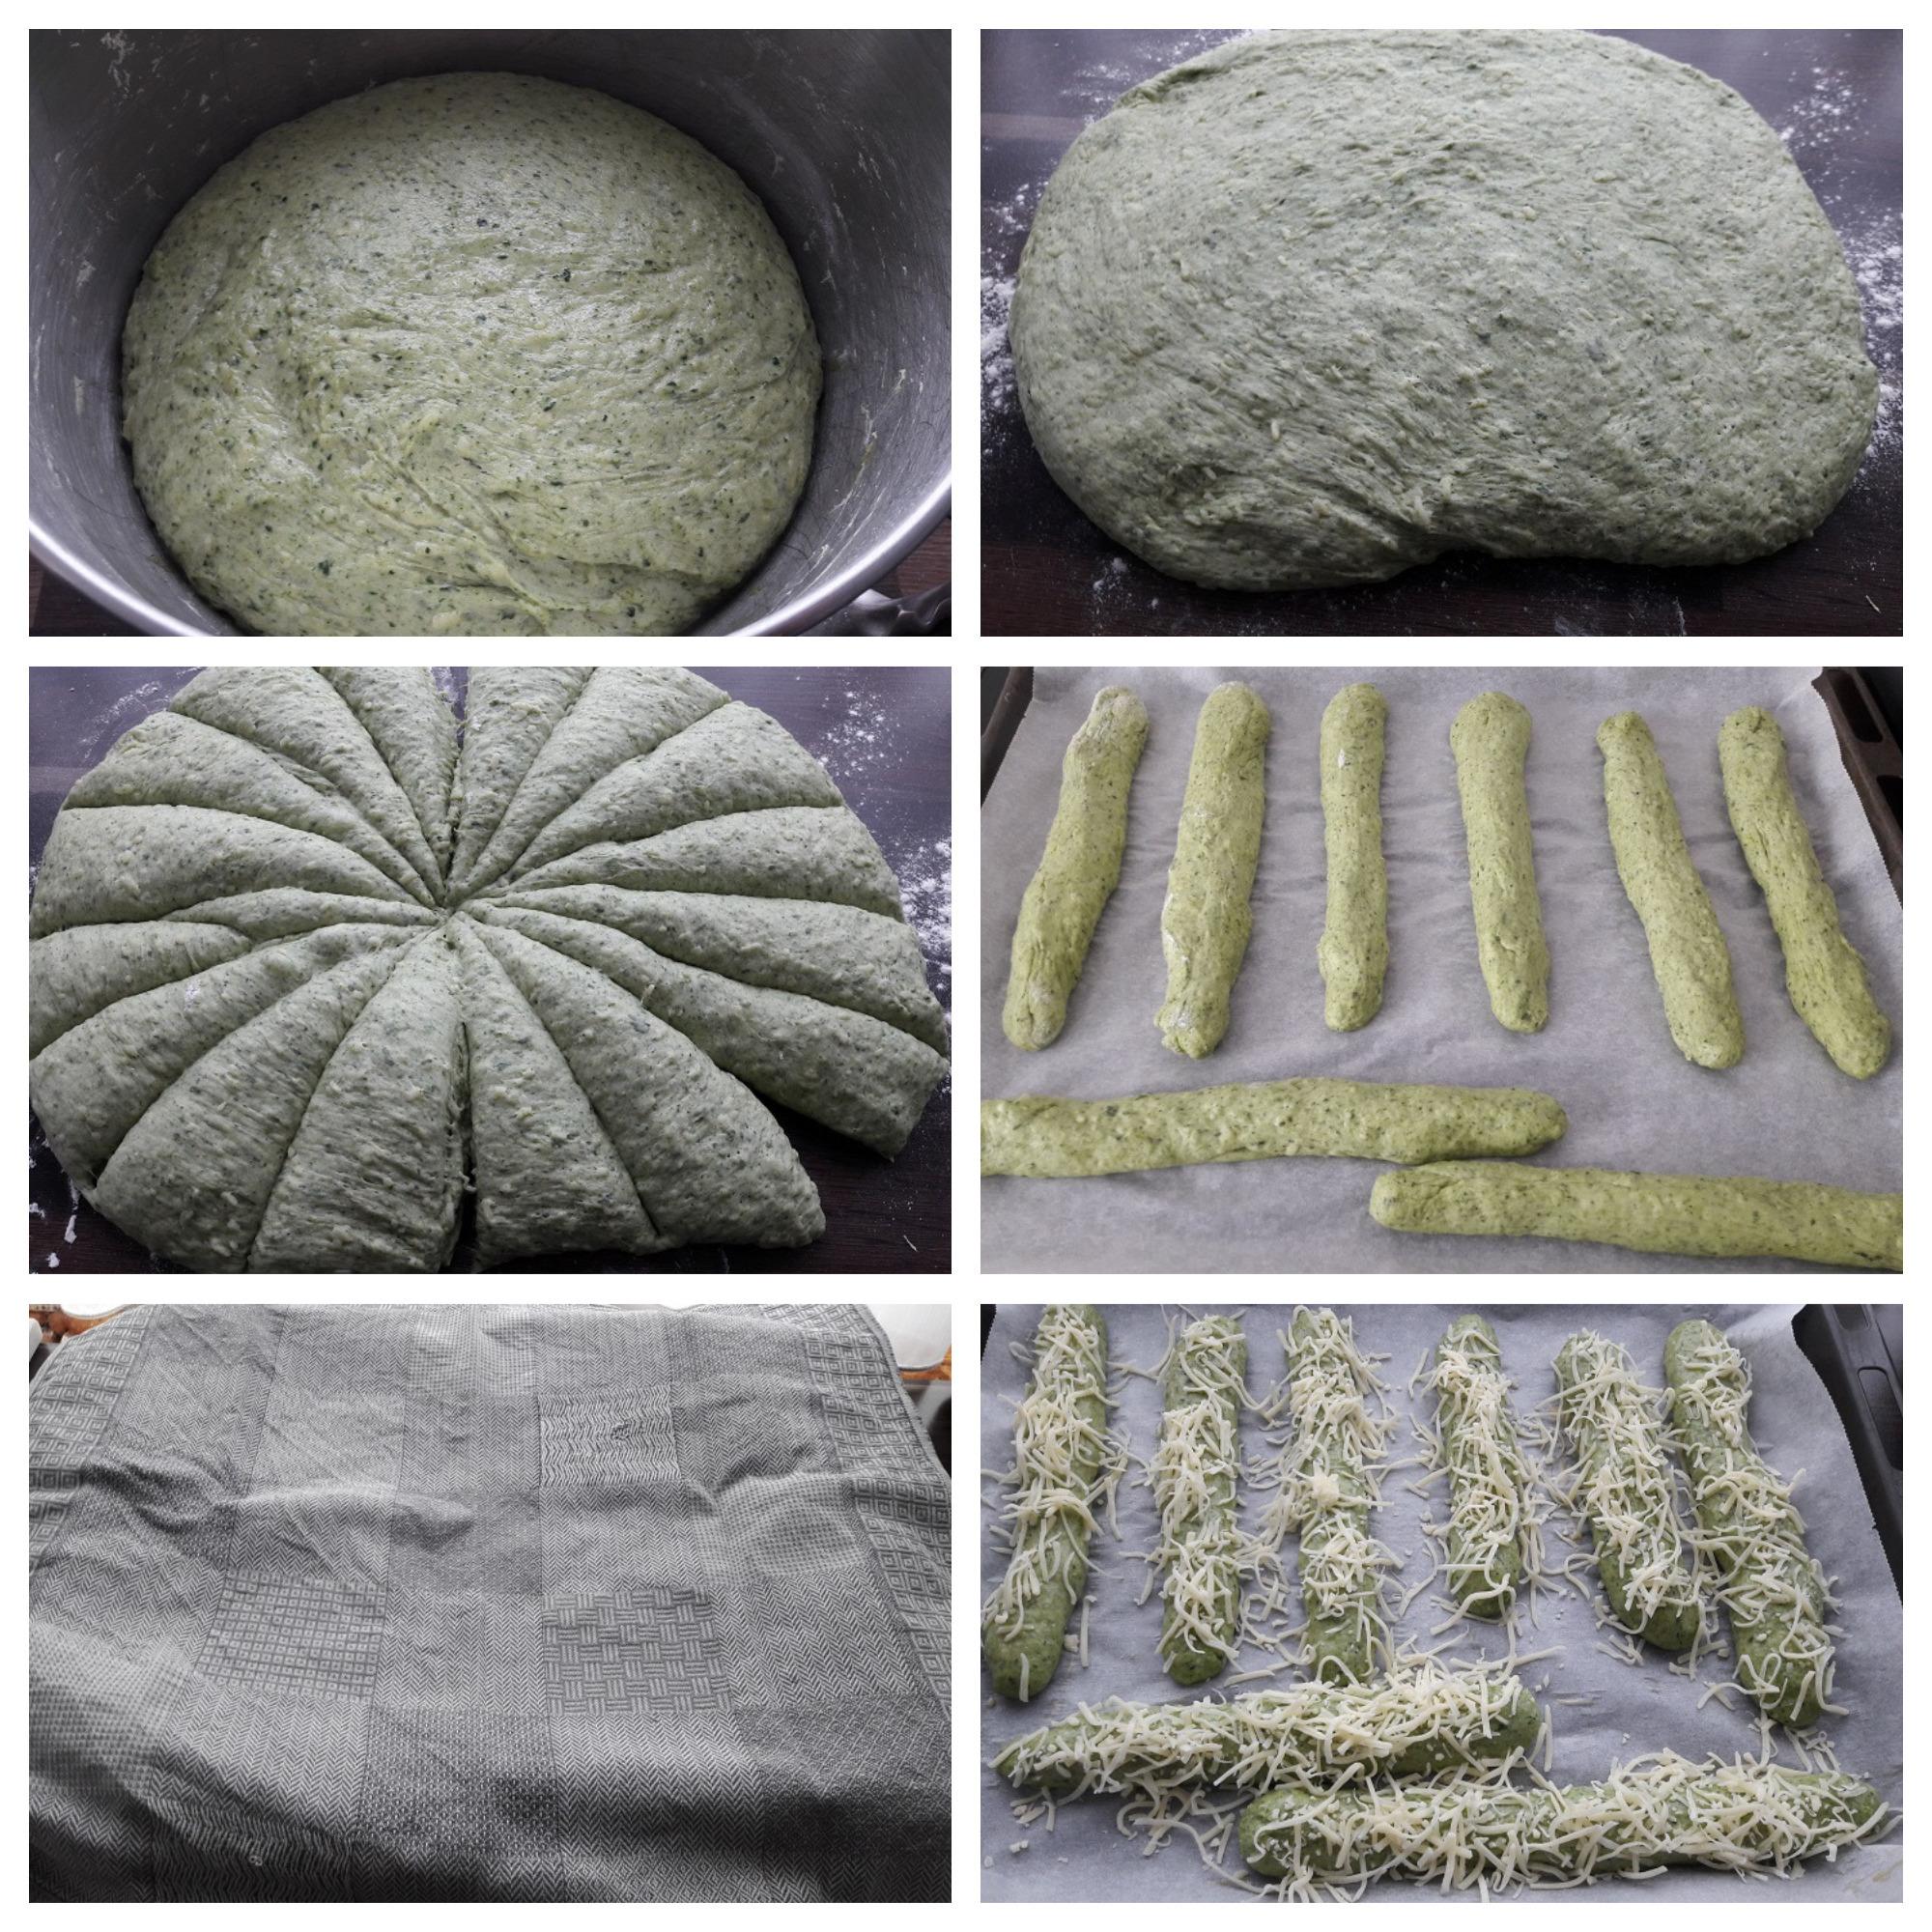 Gerezen deeg, verdeeld in stukken, kaas erover